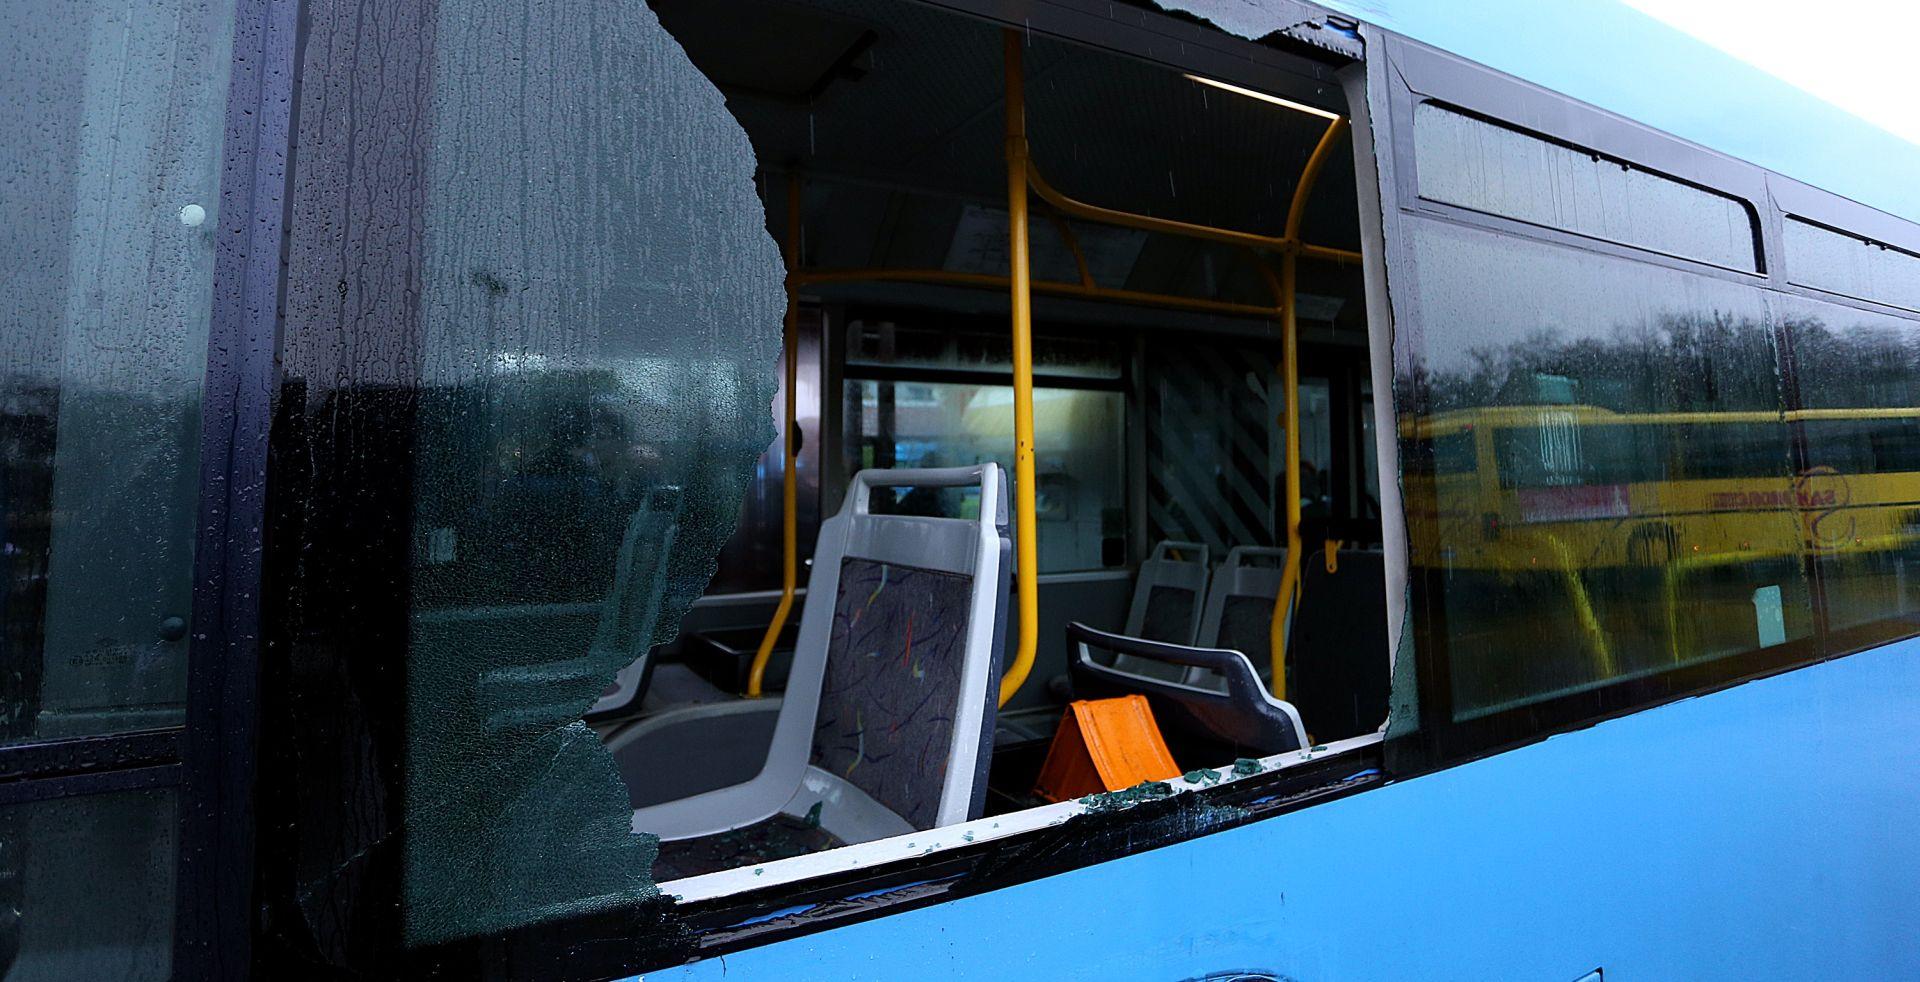 DRNIŠ 72-godišnjak porazbijao sva stakla na parkiranom autobusu